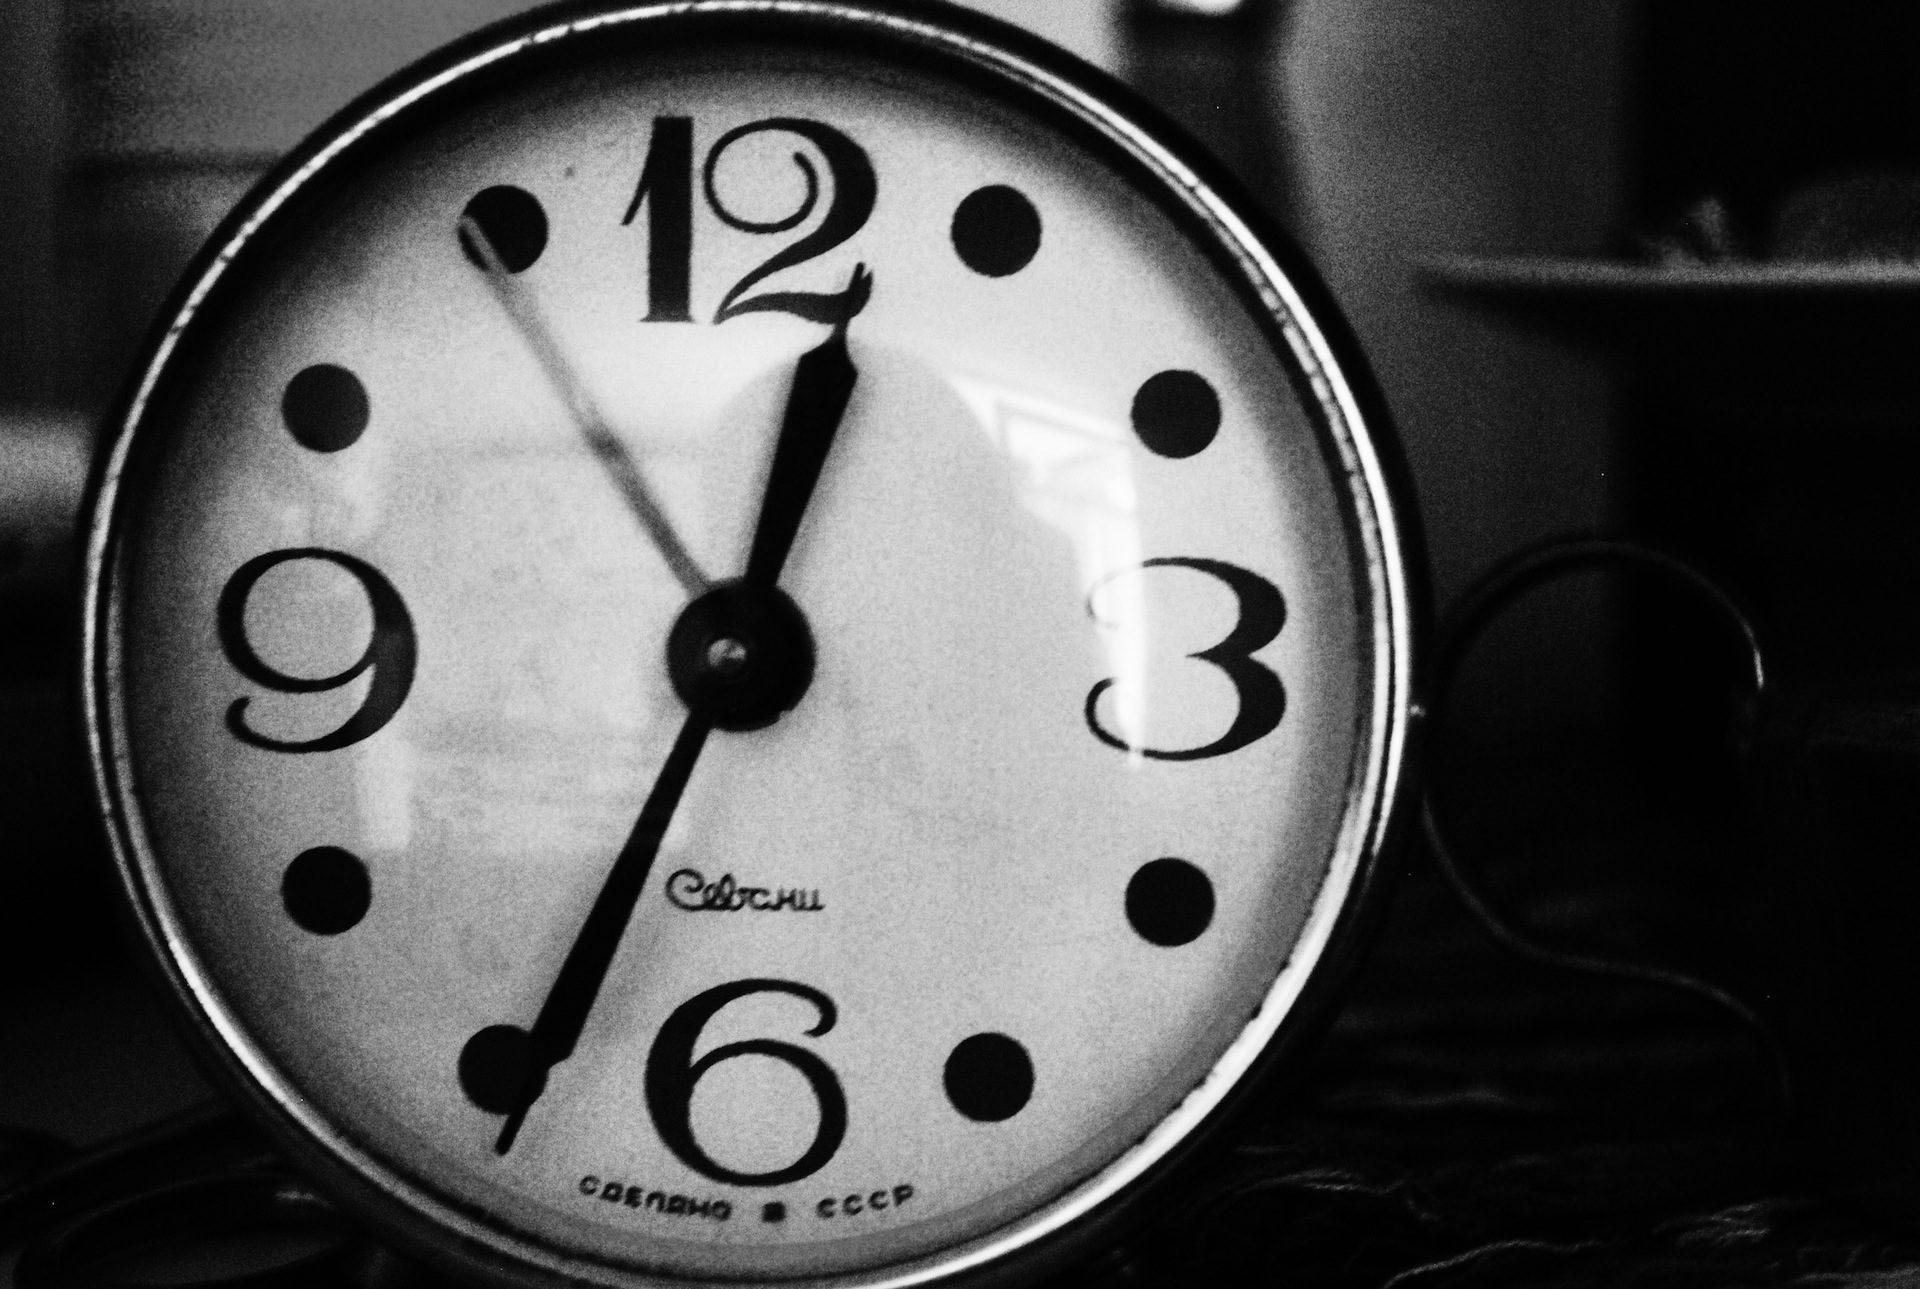 手表, 针头, 时间, 反思, 在黑色和白色 - 高清壁纸 - 教授-falken.com